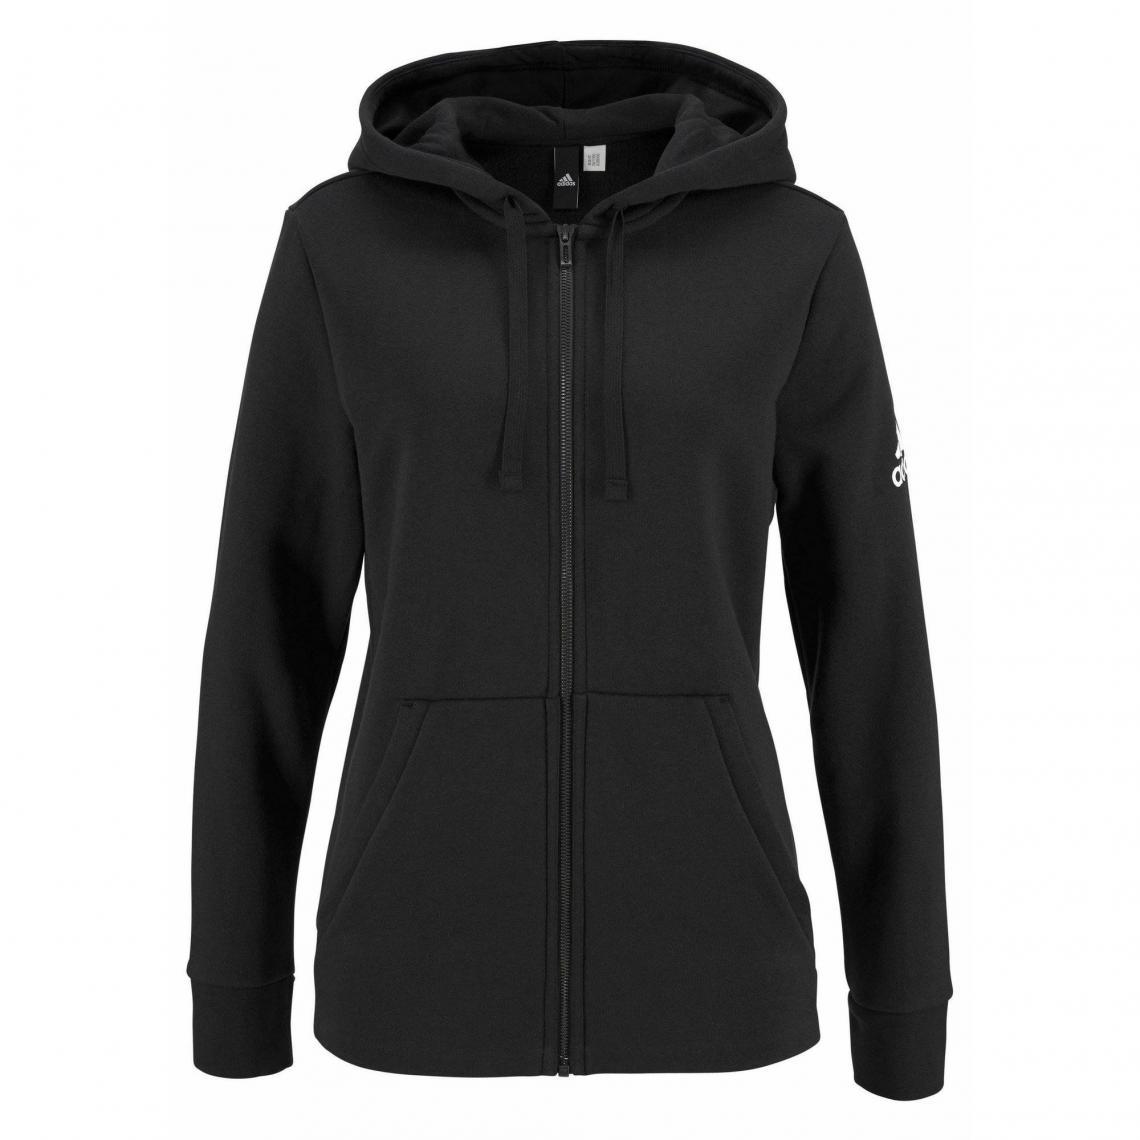 Manches Essentials Solid Longues Capuche Femme Sweat Adidas À Zippé Rqw545